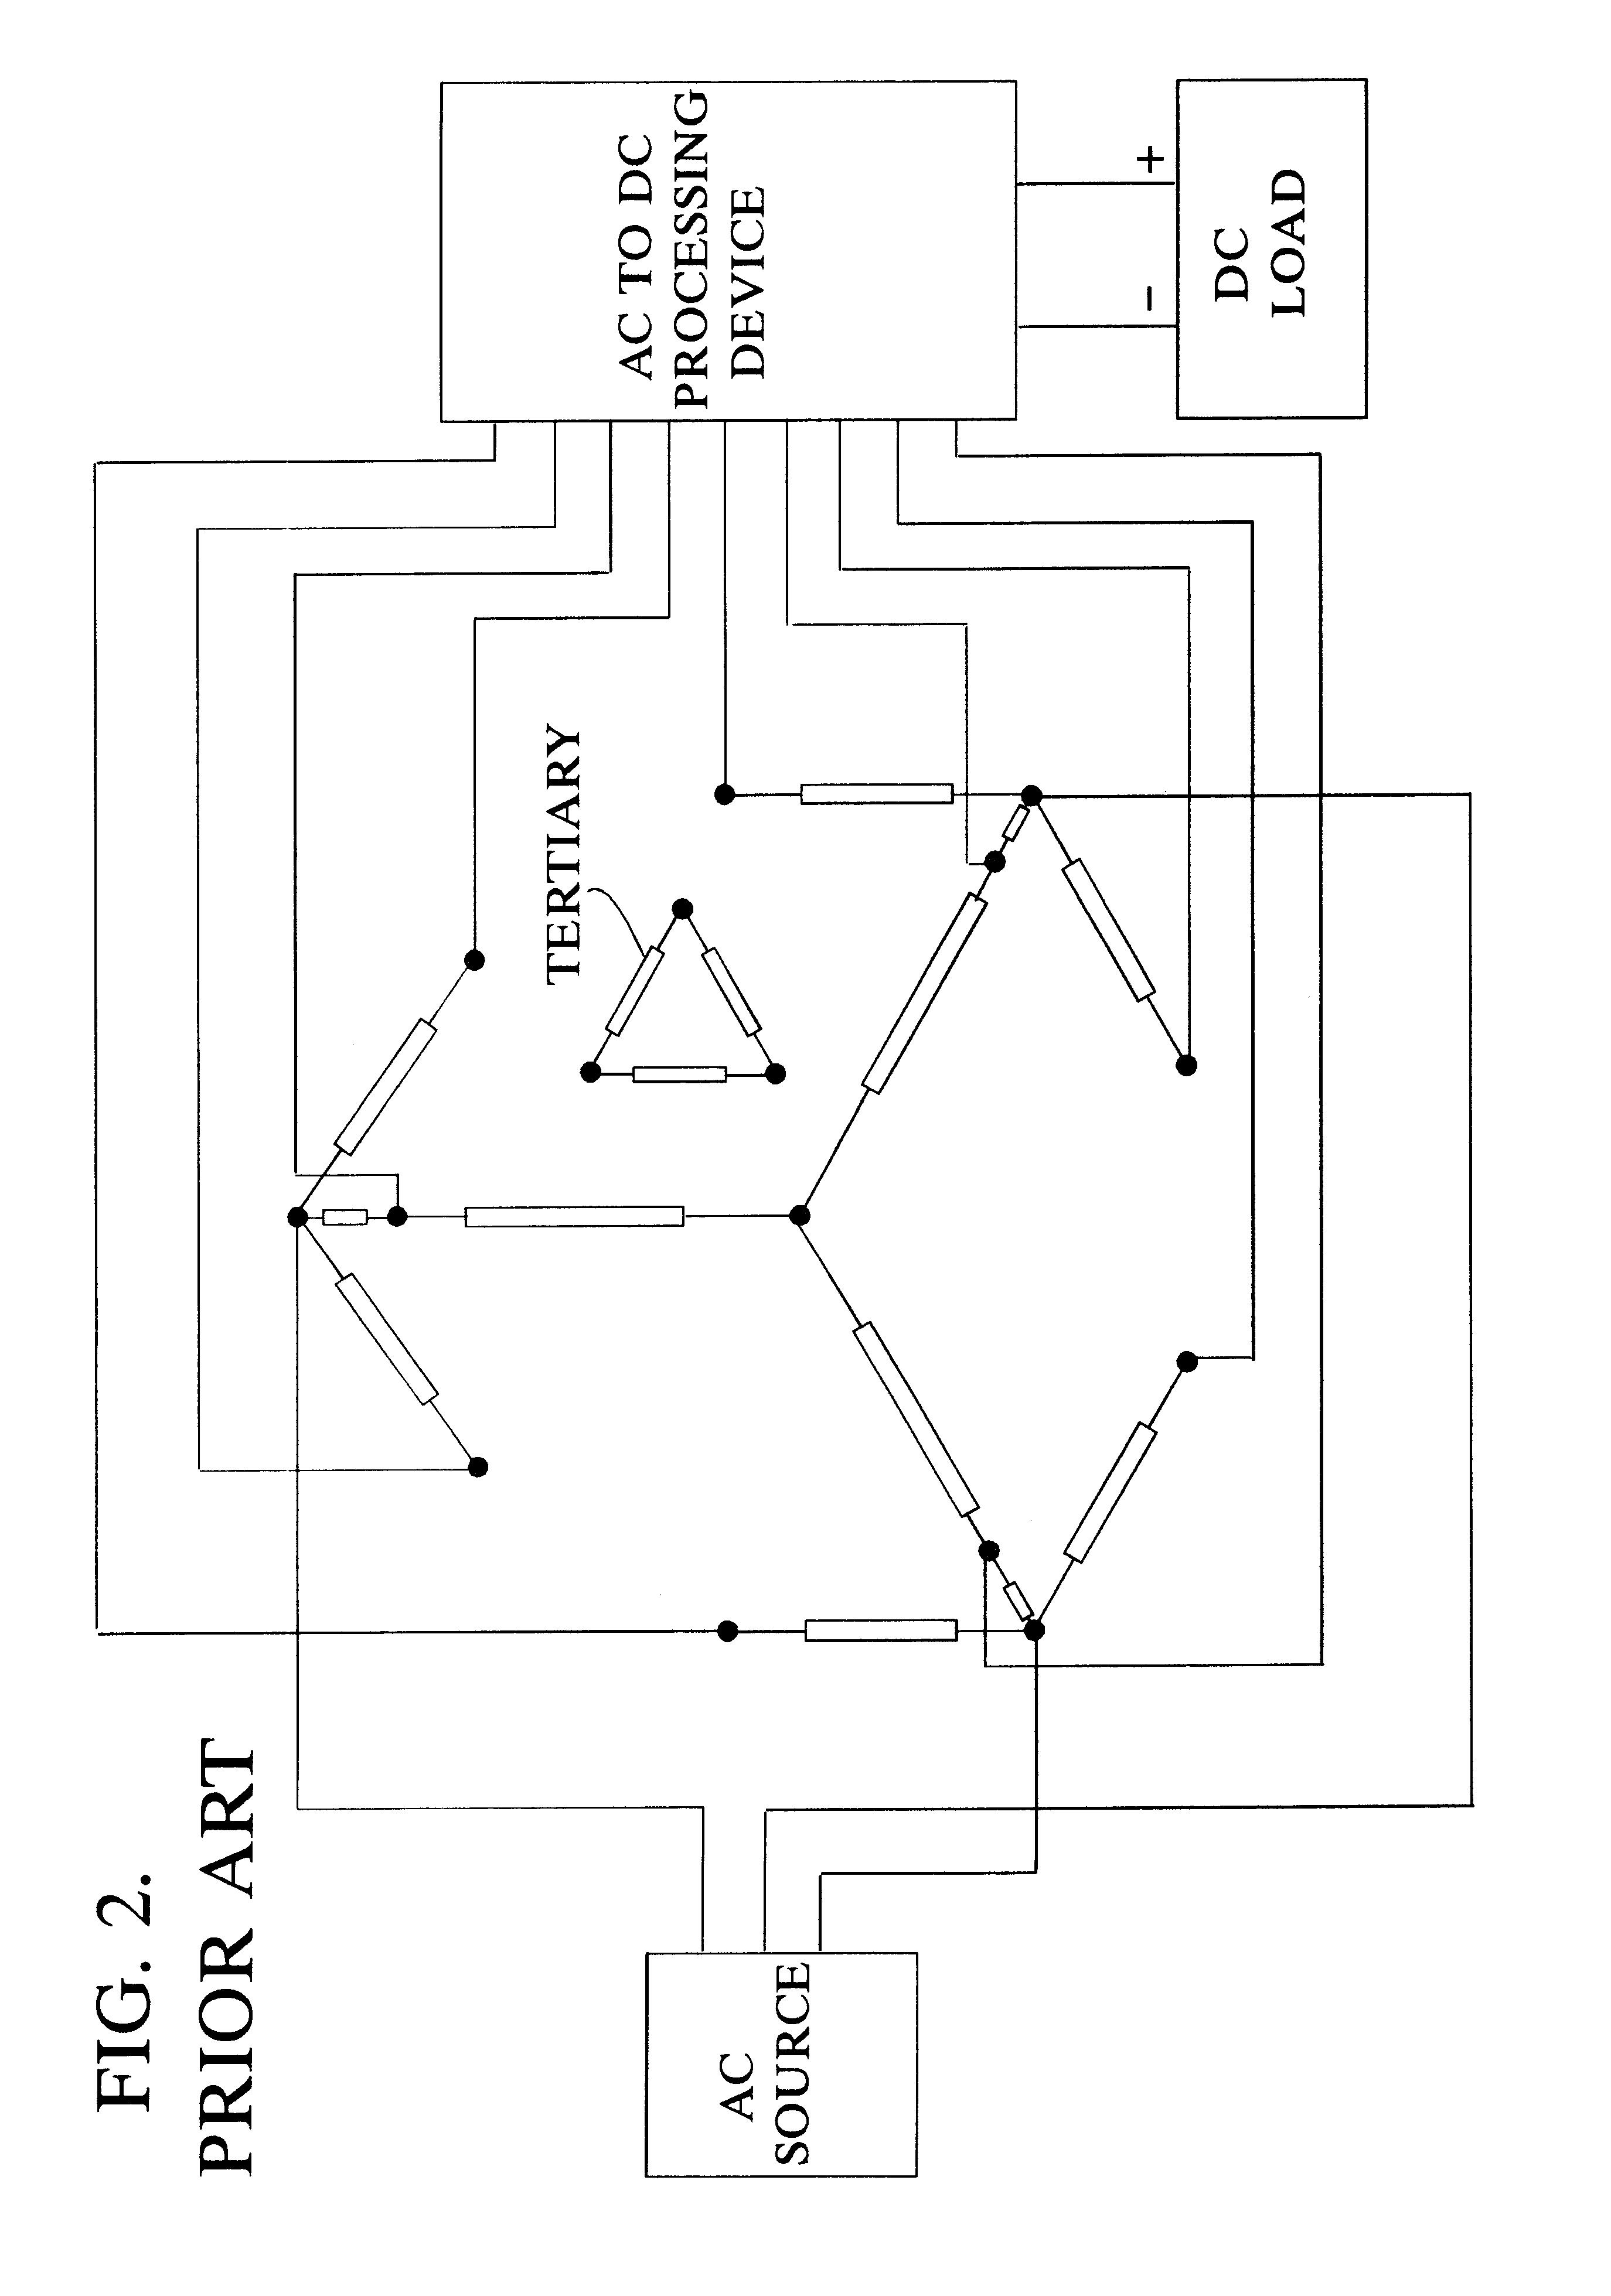 patent us6191968